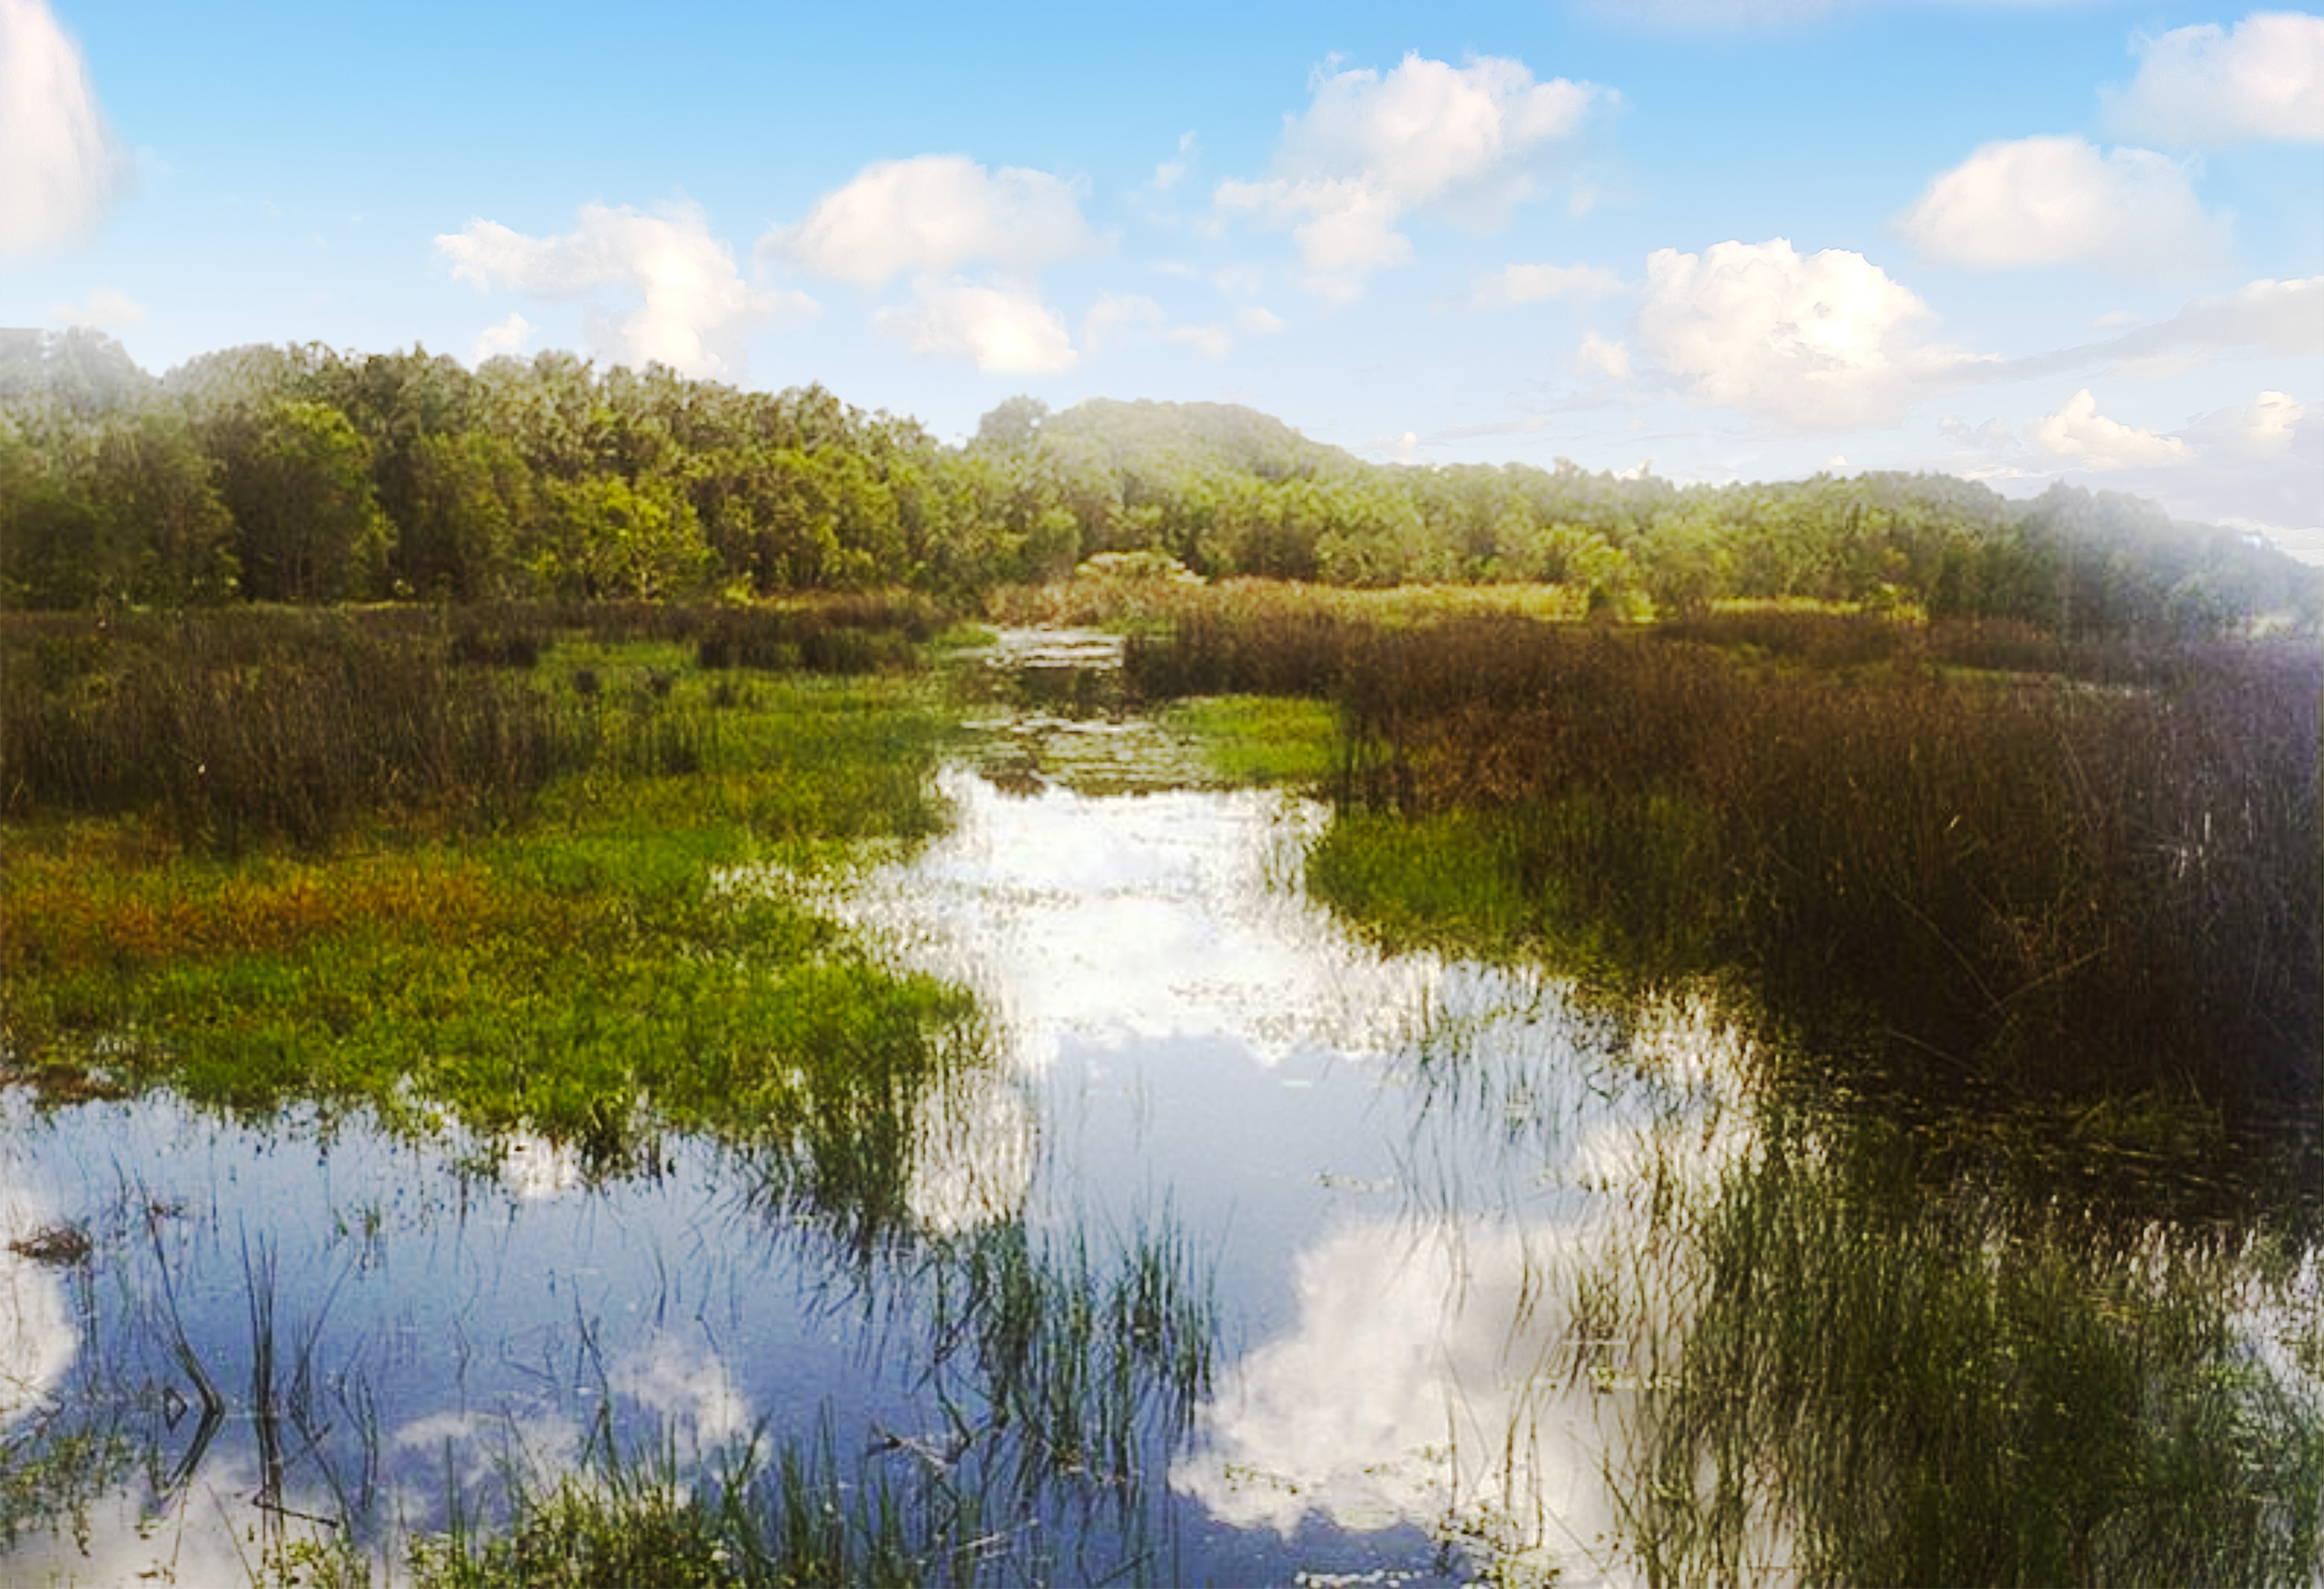 Melaleuca Seaside Retreat - Wetland to Forest